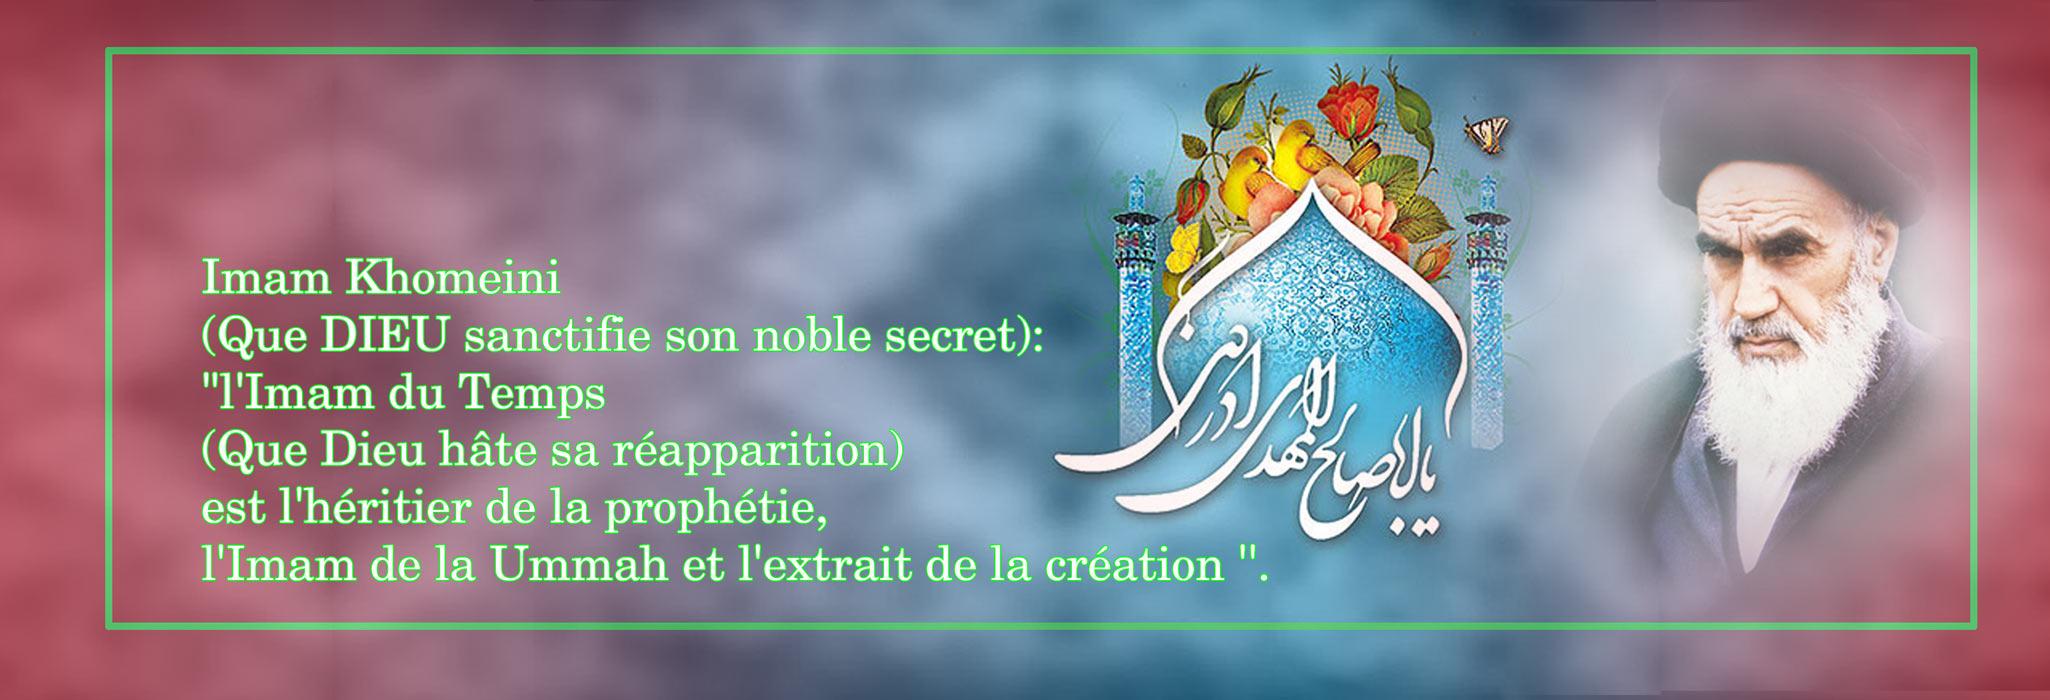 Je souhaite que ce mouvement et que cette Révolution aboutissent à l'apparition de l'Imam Al-Asr (Que DIEU facilite sa noble apparition)